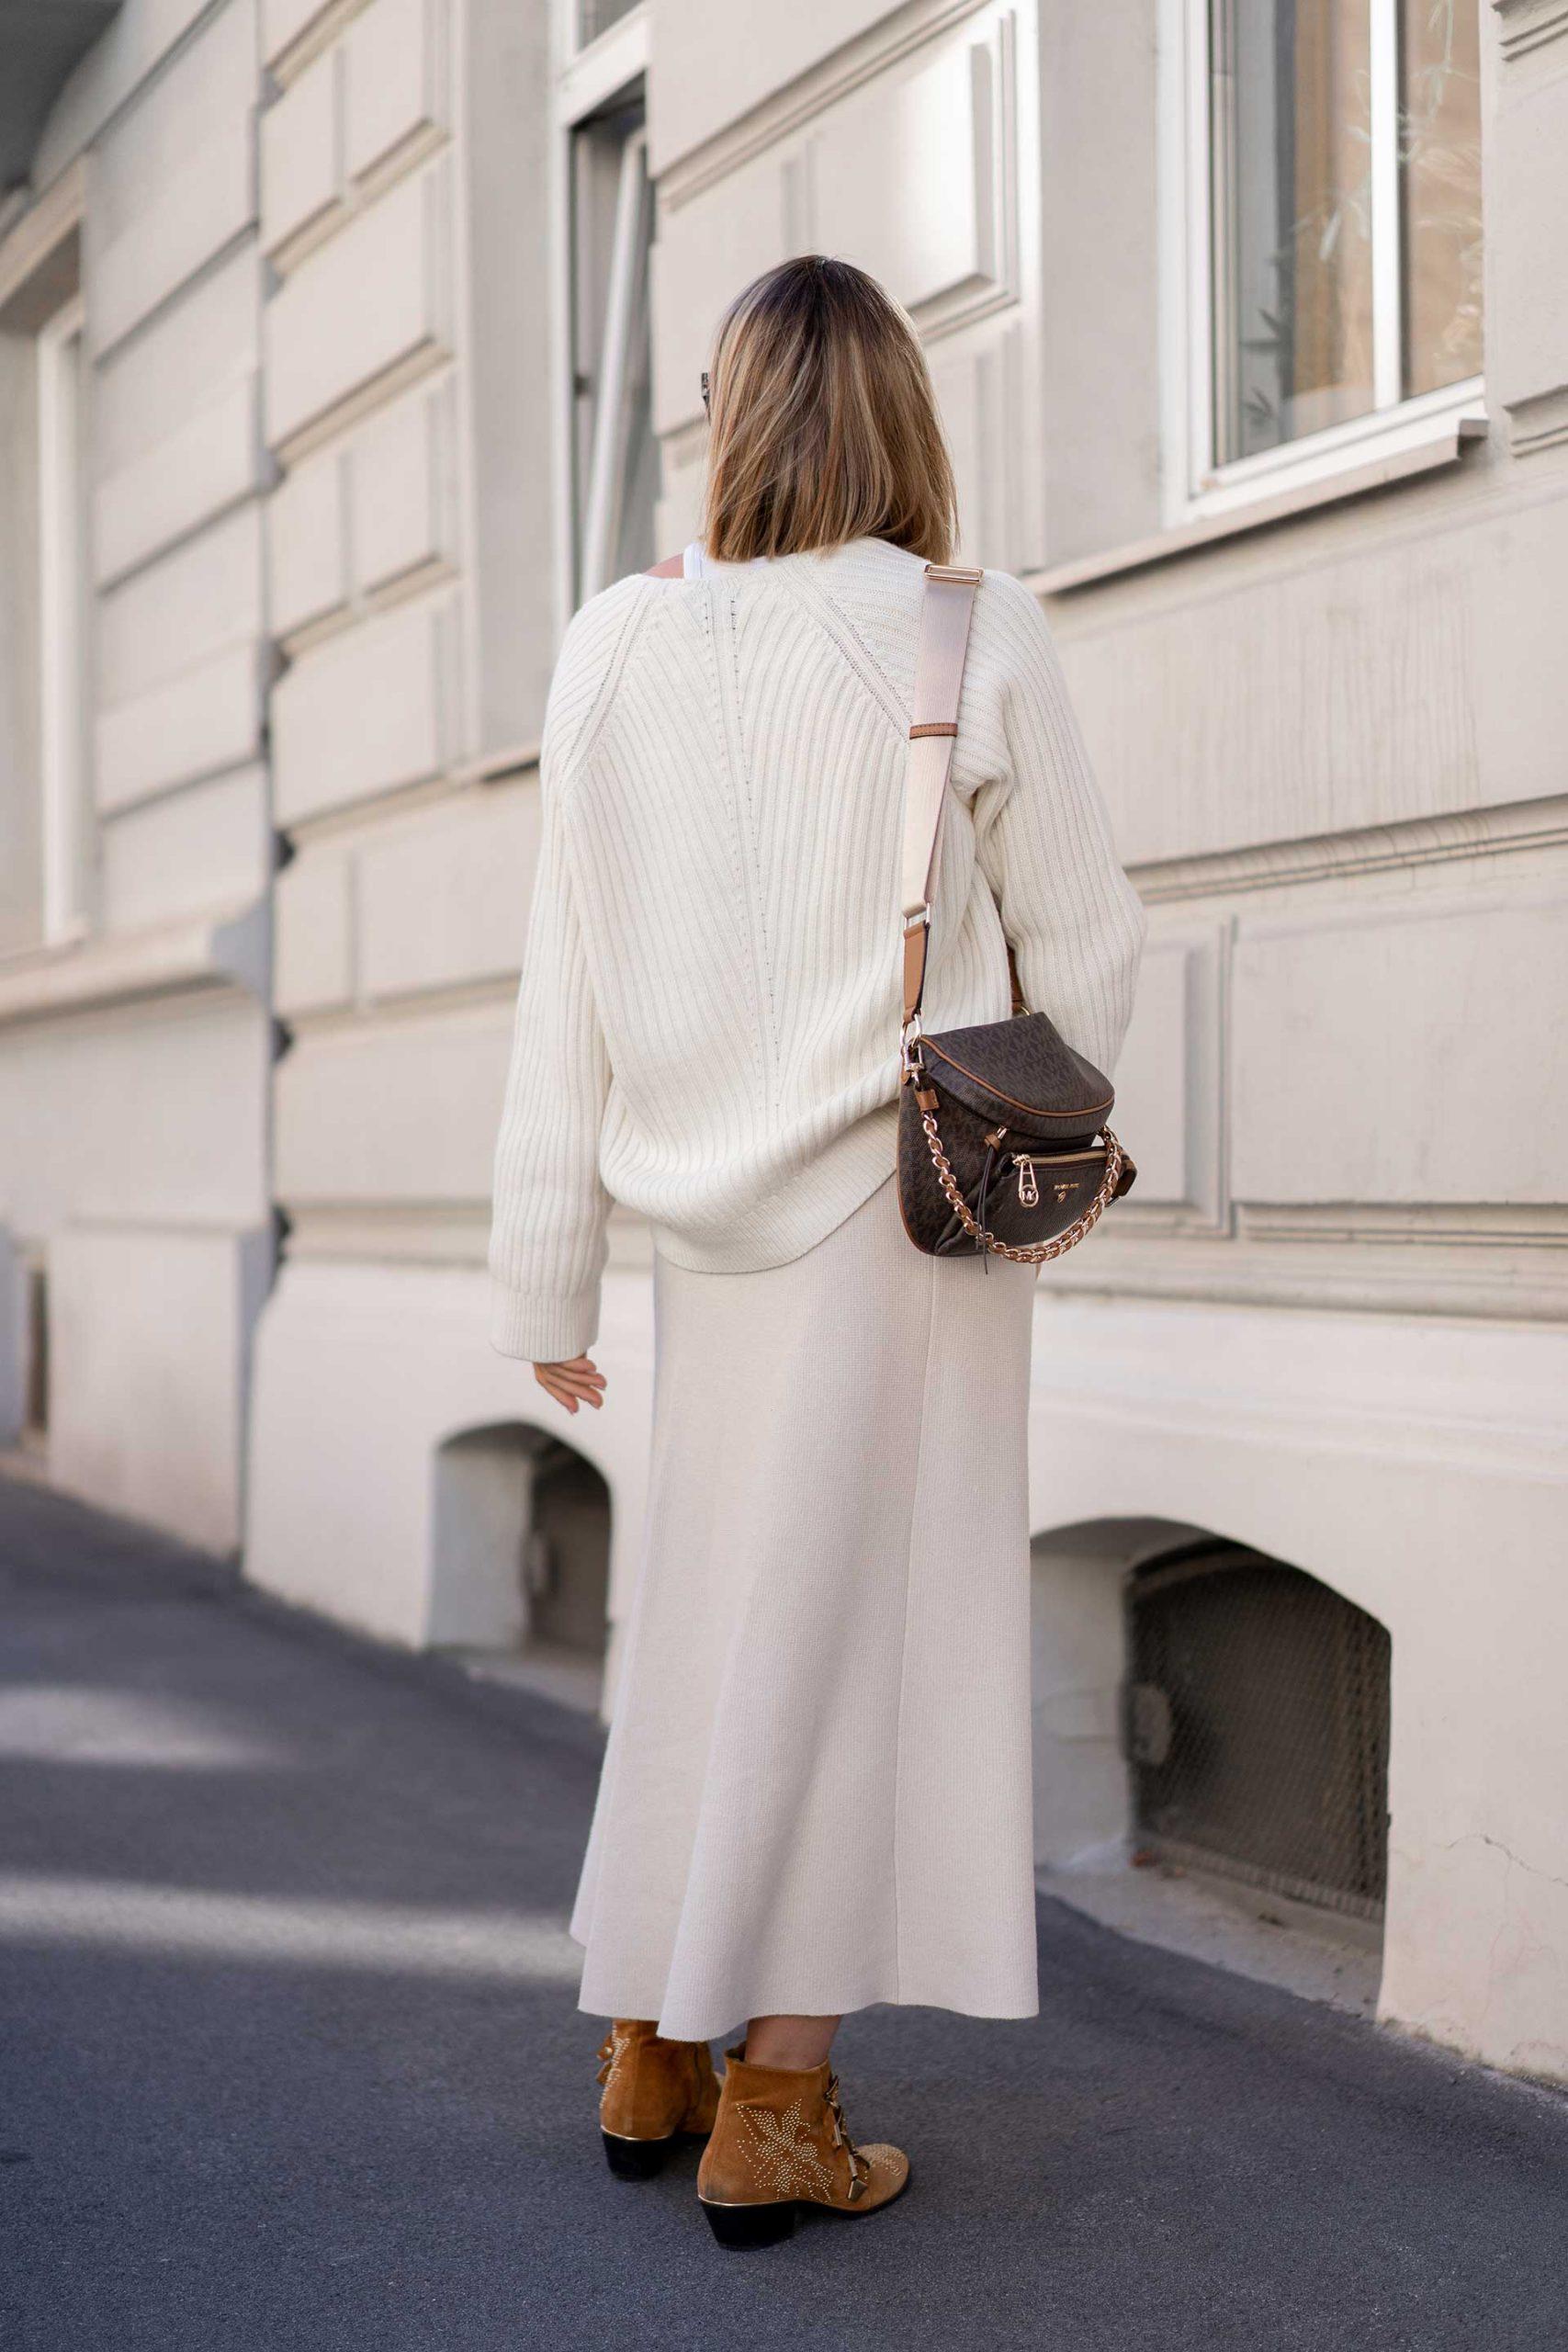 Im heutigen Beitrag am Modeblog zeige ich dirtolle Herbsttrends, die uns Jahr für Jahr modisch einfach nicht im Stich lassen. Vorhang auf für10 Must-haves, die gekommen sind zum zu bleiben! www.whoismocca.com